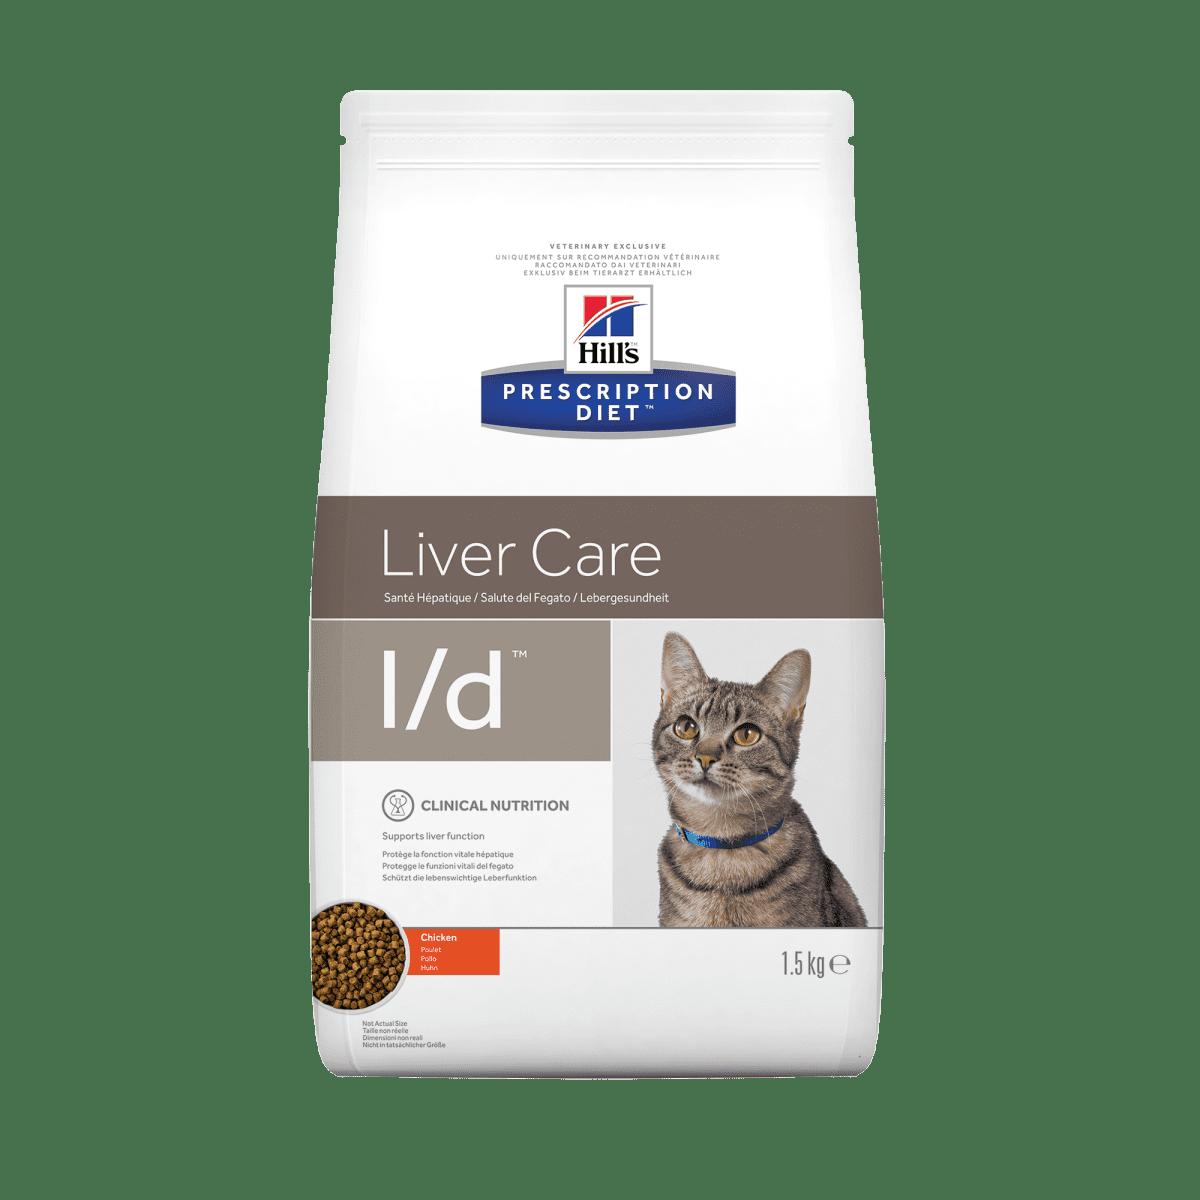 HILL'S PRESCRIPTION DIET L/D LIVER CARE – лечебный сухой корм для котов с заболеваниями и/или снижением функций печени